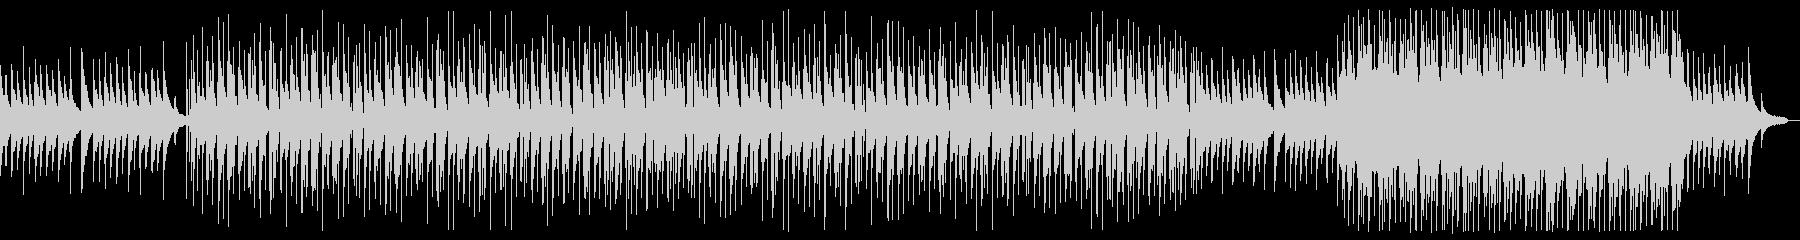 ピアノメインのエモーショナルポップロックの未再生の波形